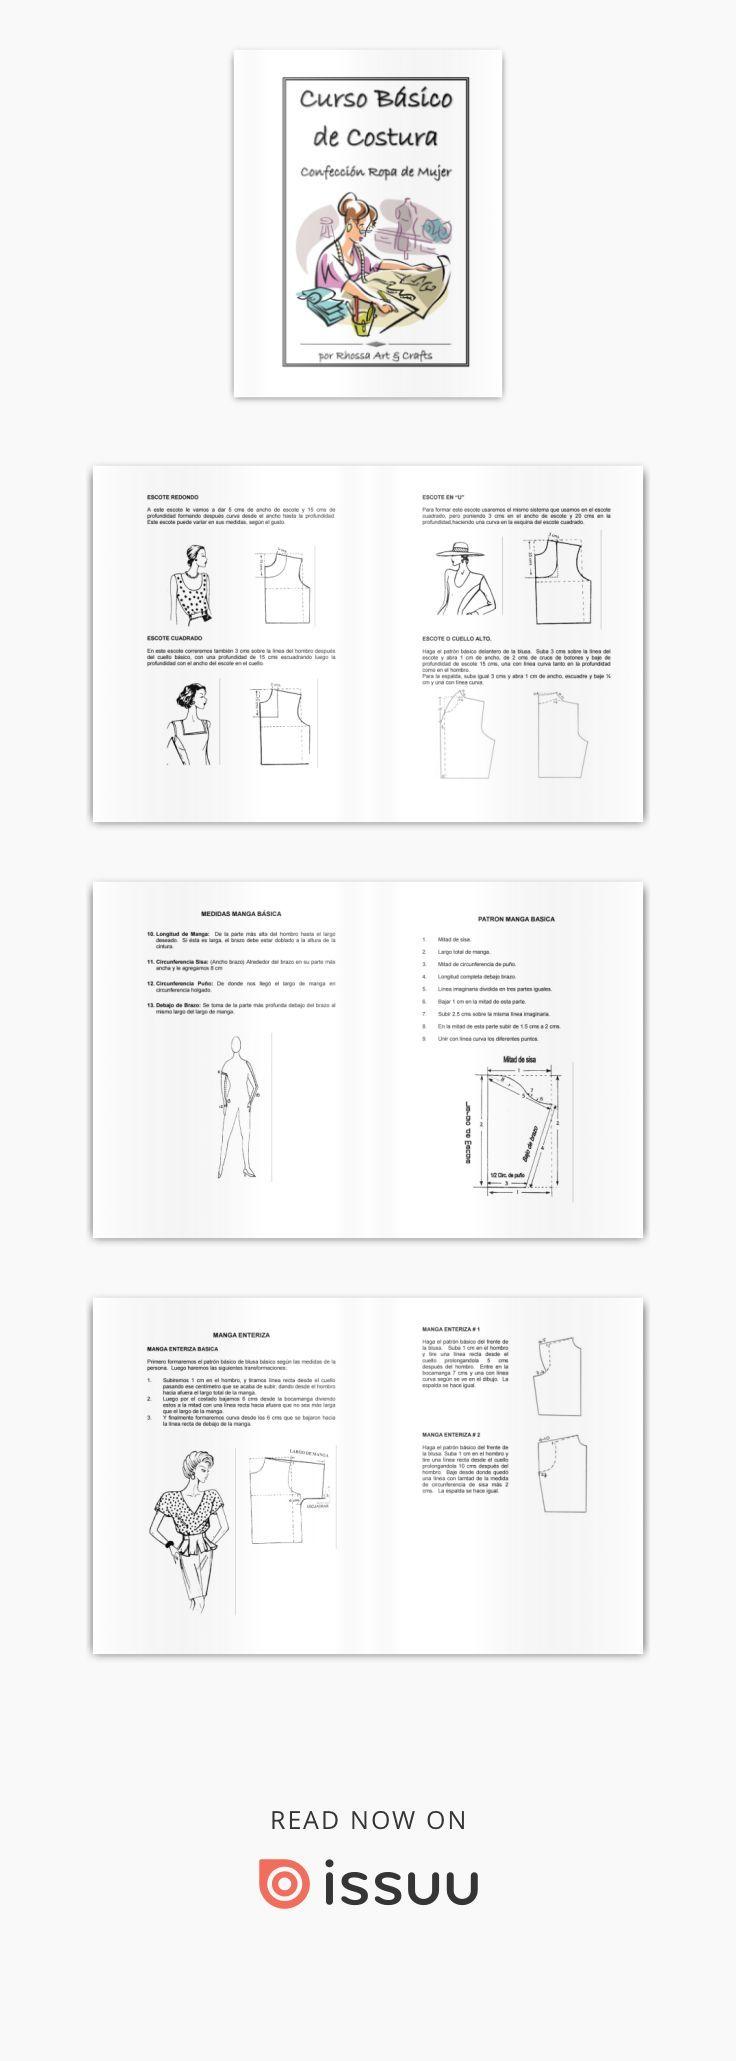 Rhossa art crafts curso basico costura confeccion ropa mujer ...